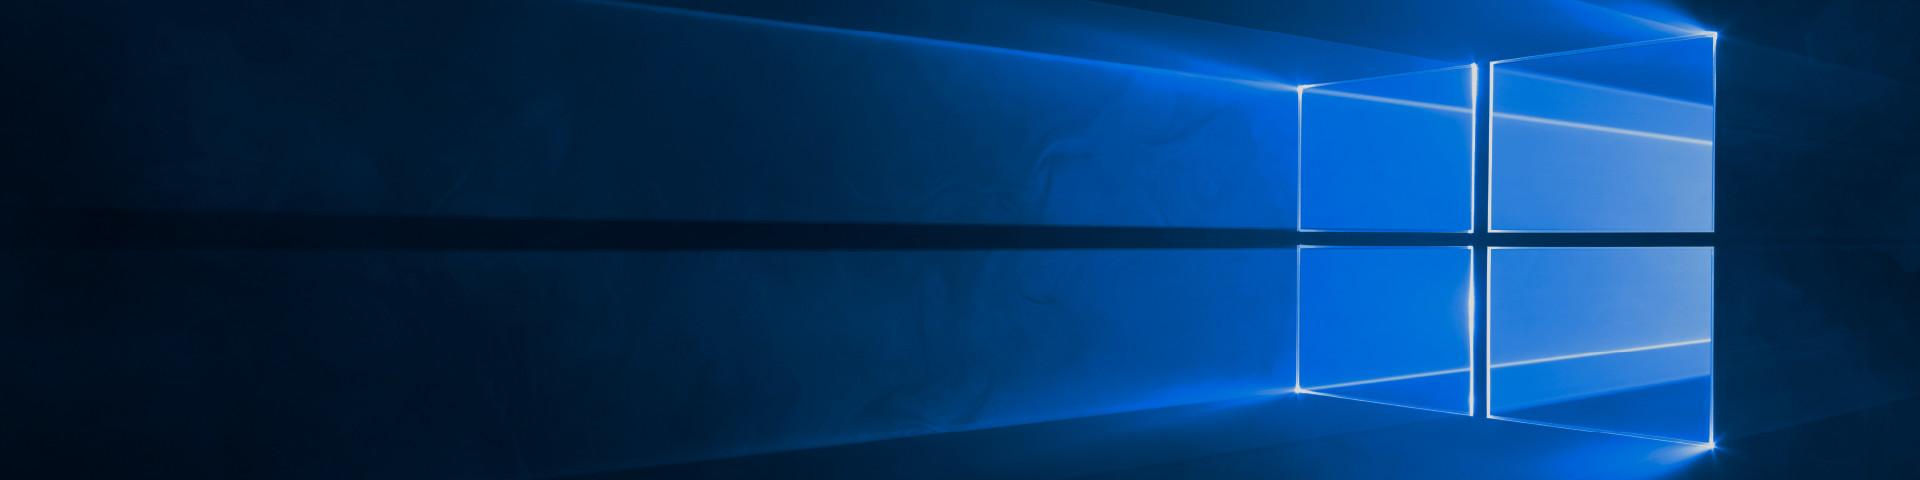 Солнце ярко светит через окно, купите и скачайте Windows 10